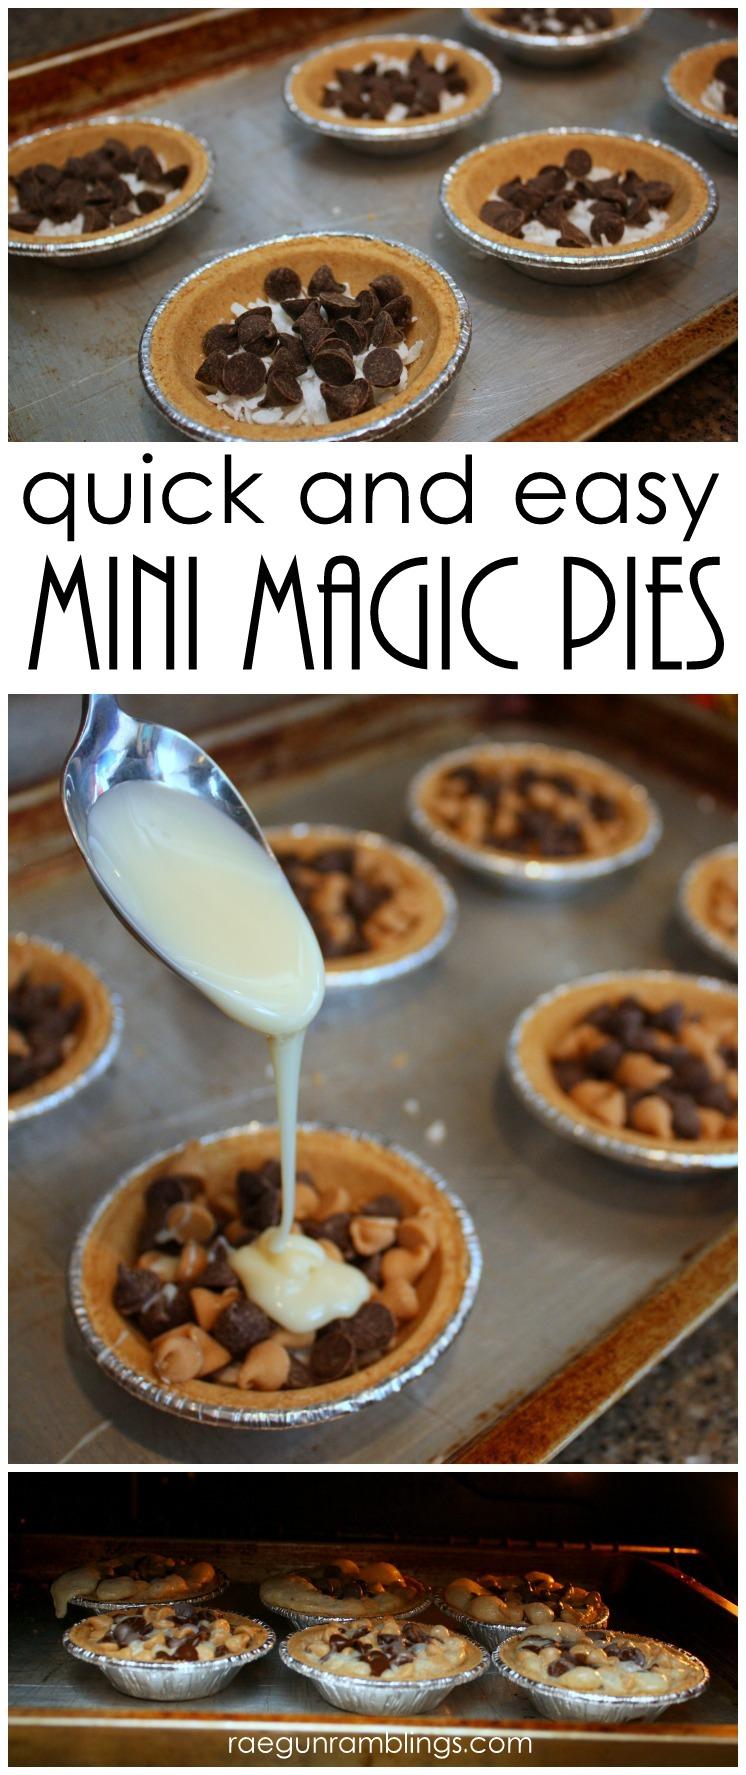 easiest tasty coconut magic pies recipe.